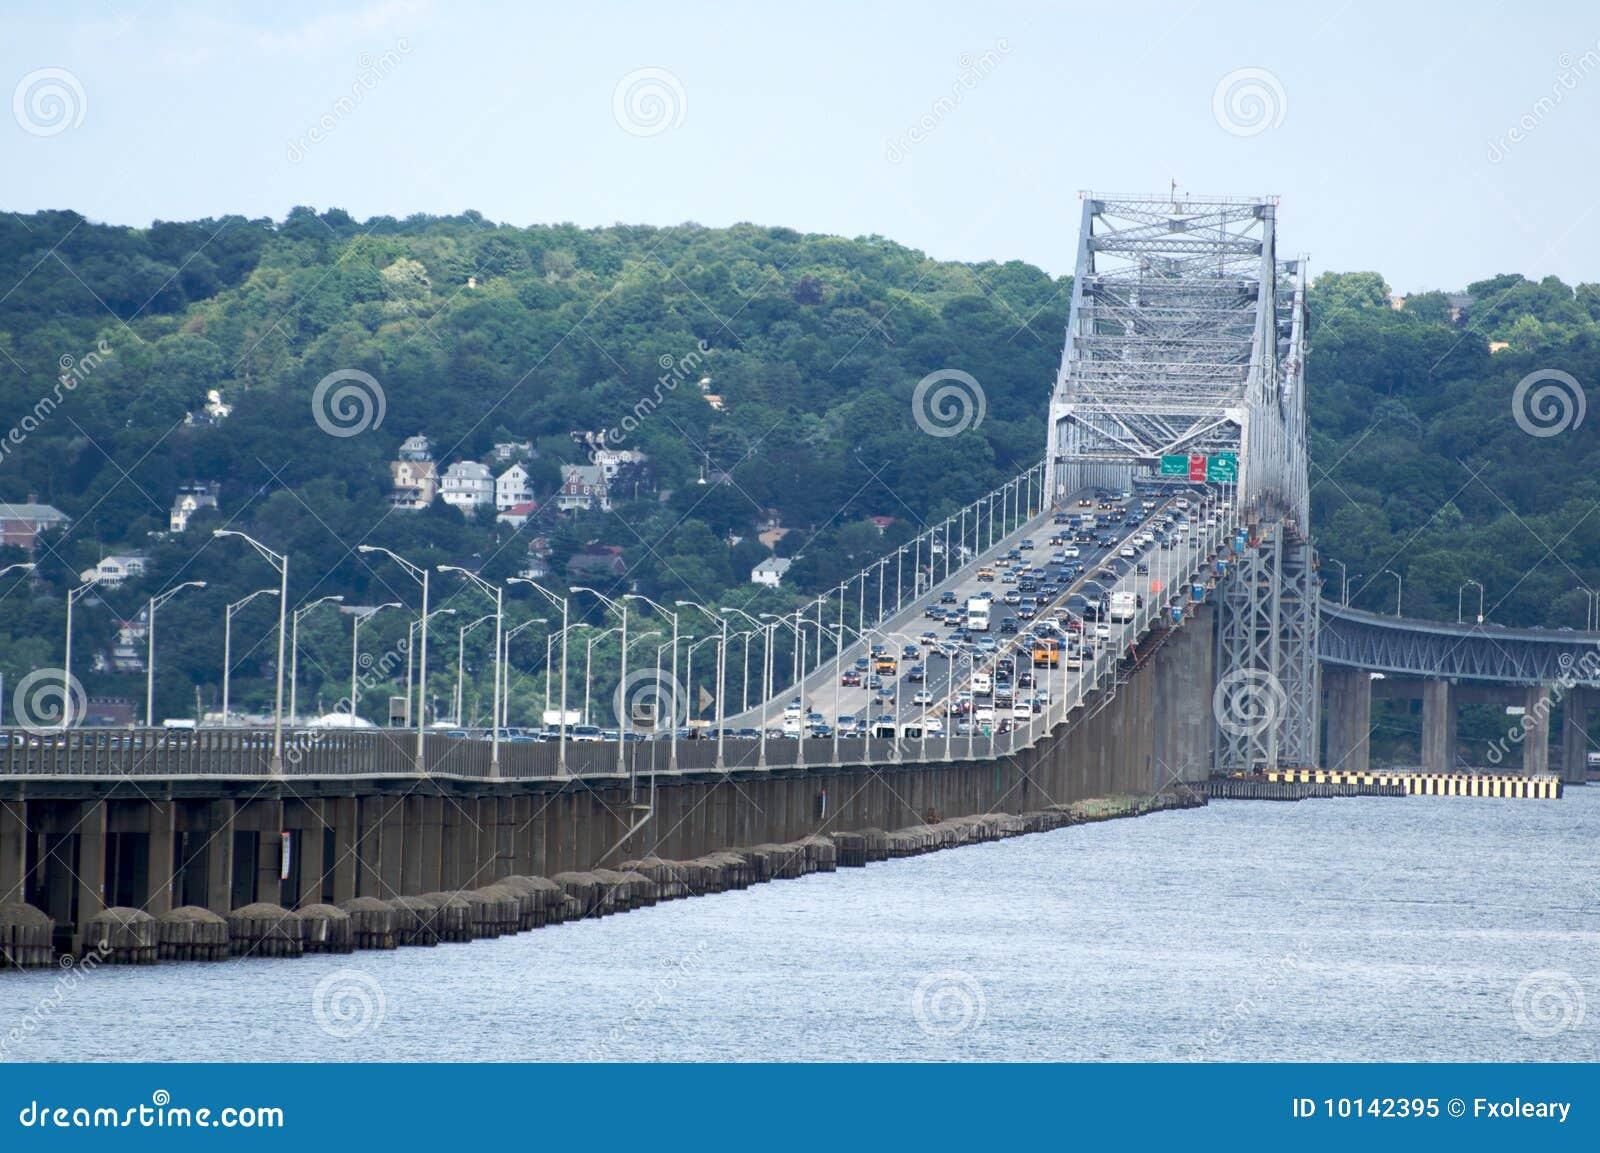 Bridżowy tappan zee